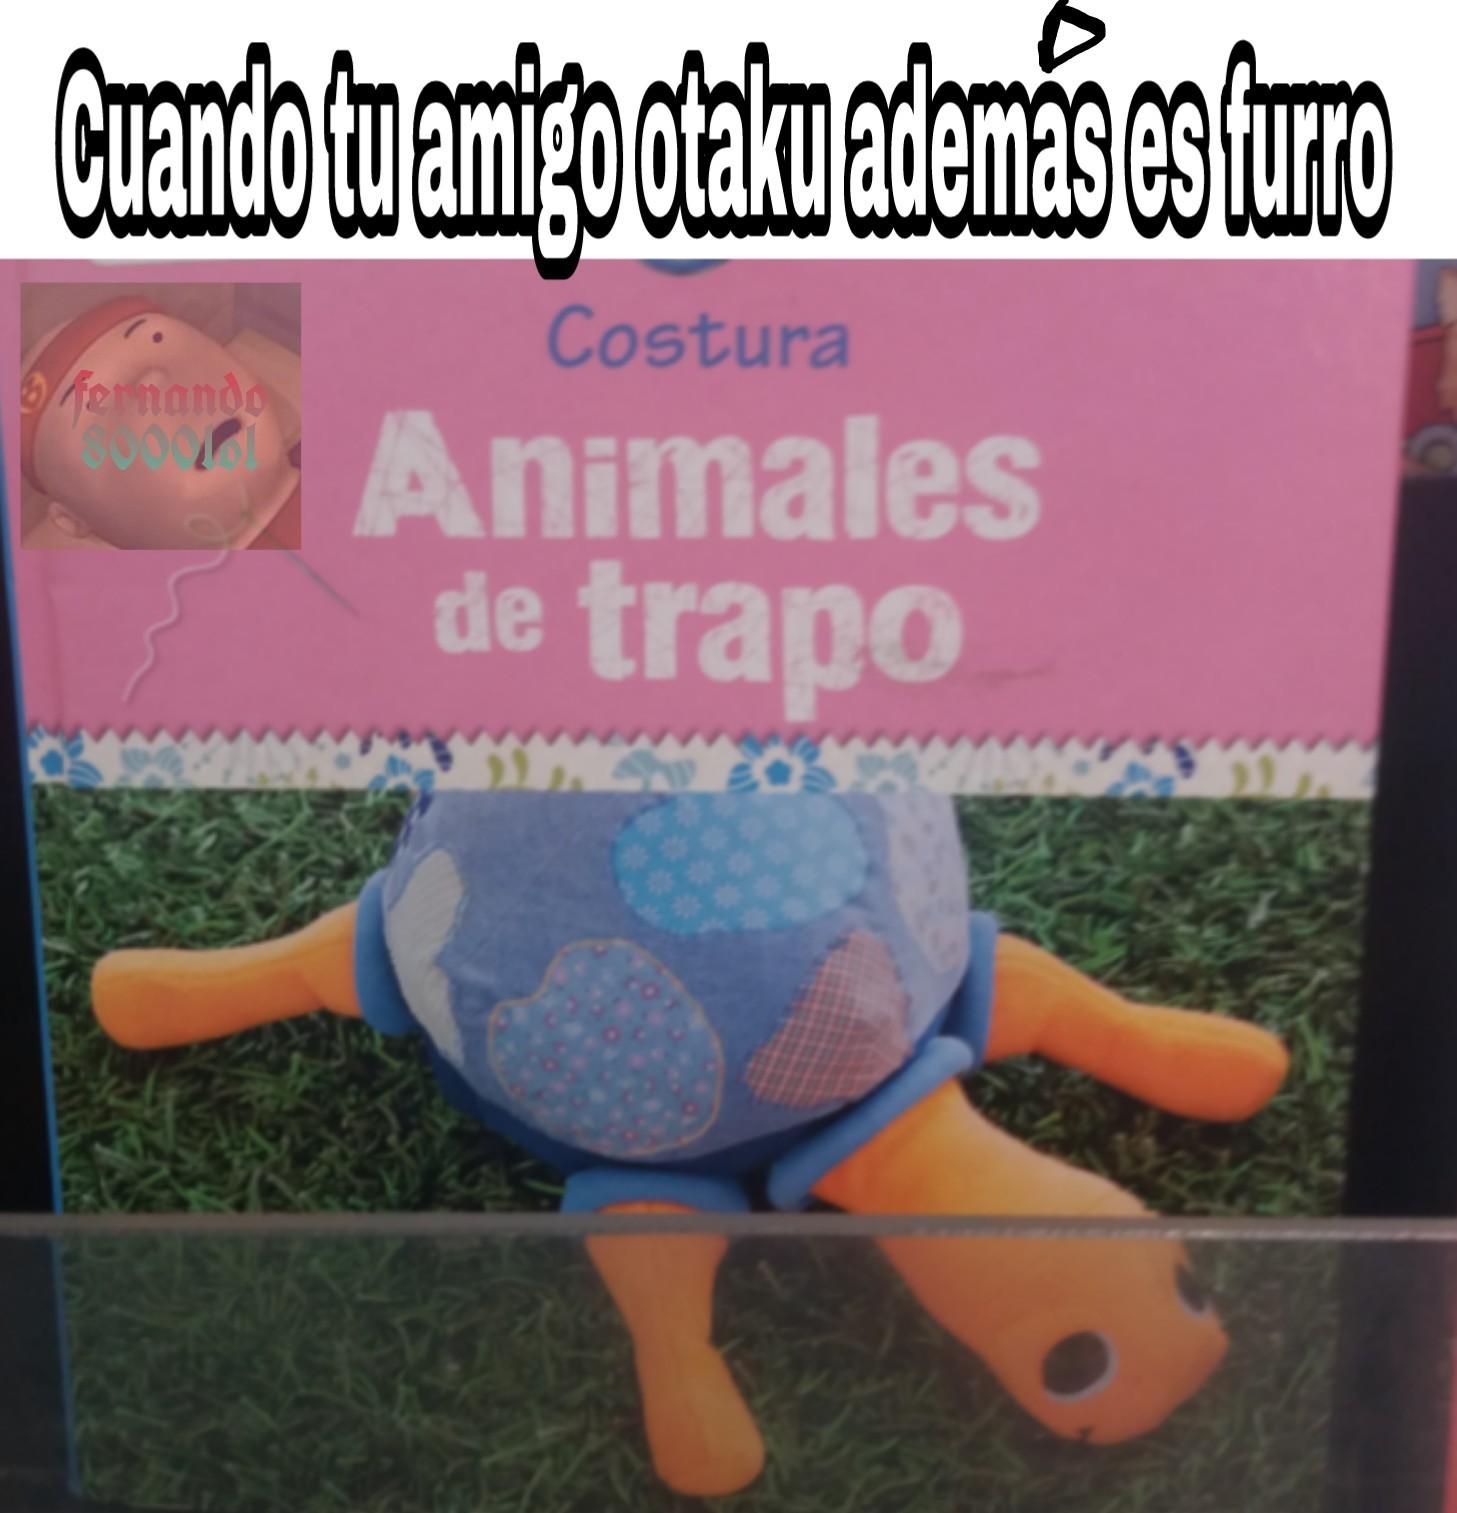 Rial - meme